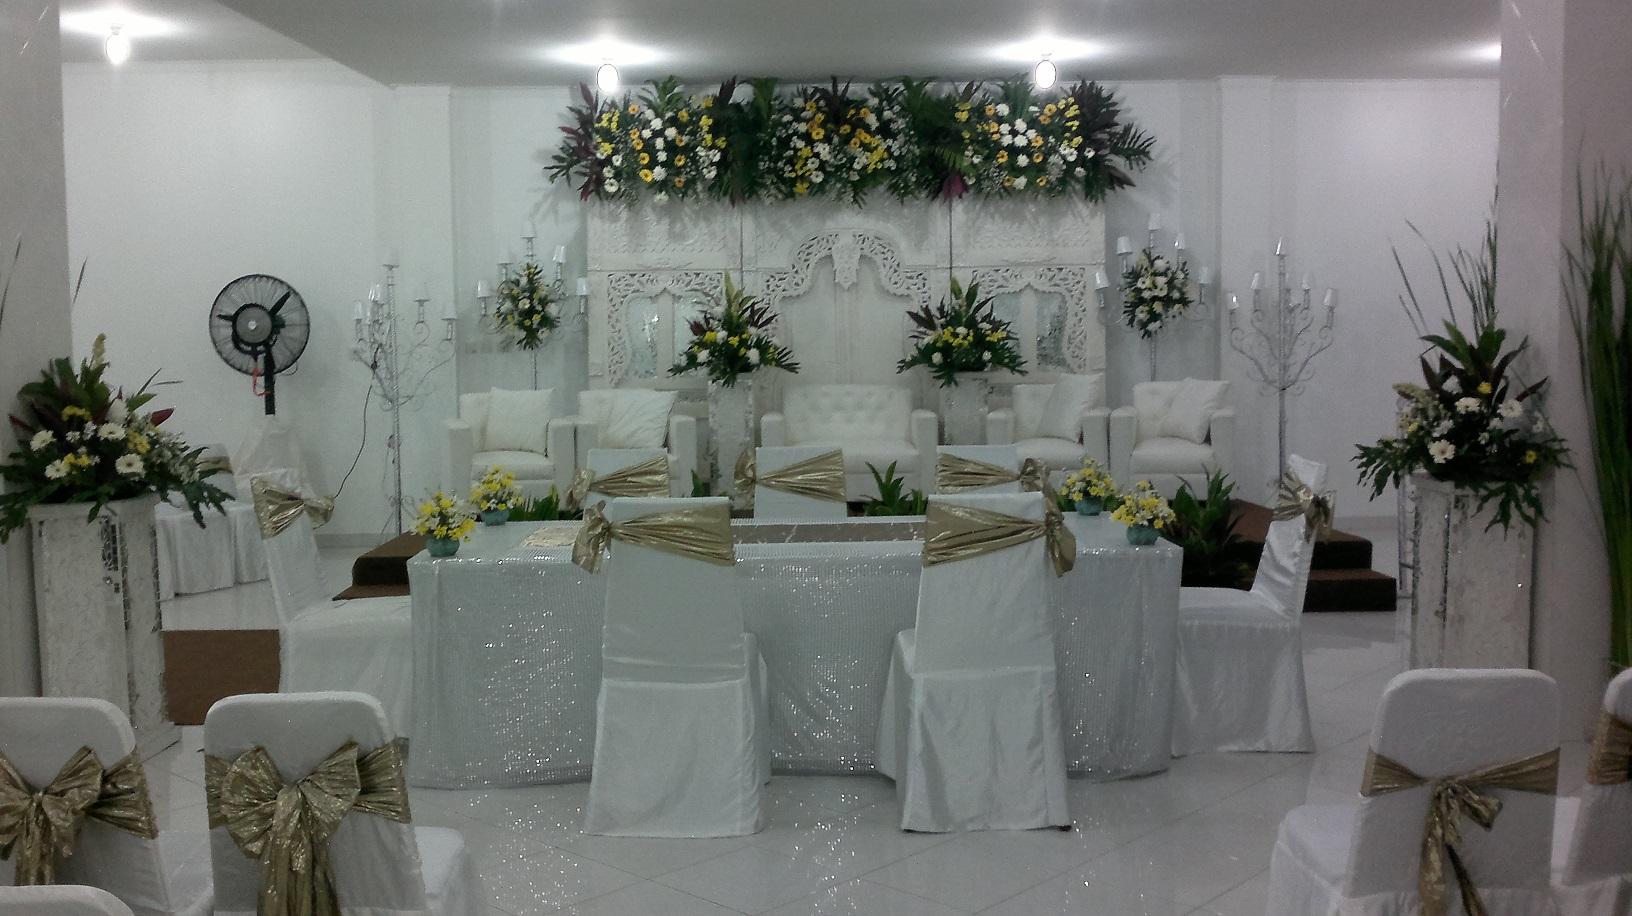 Paket Gedung Pernikahan Murah Di Jakarta Selatan